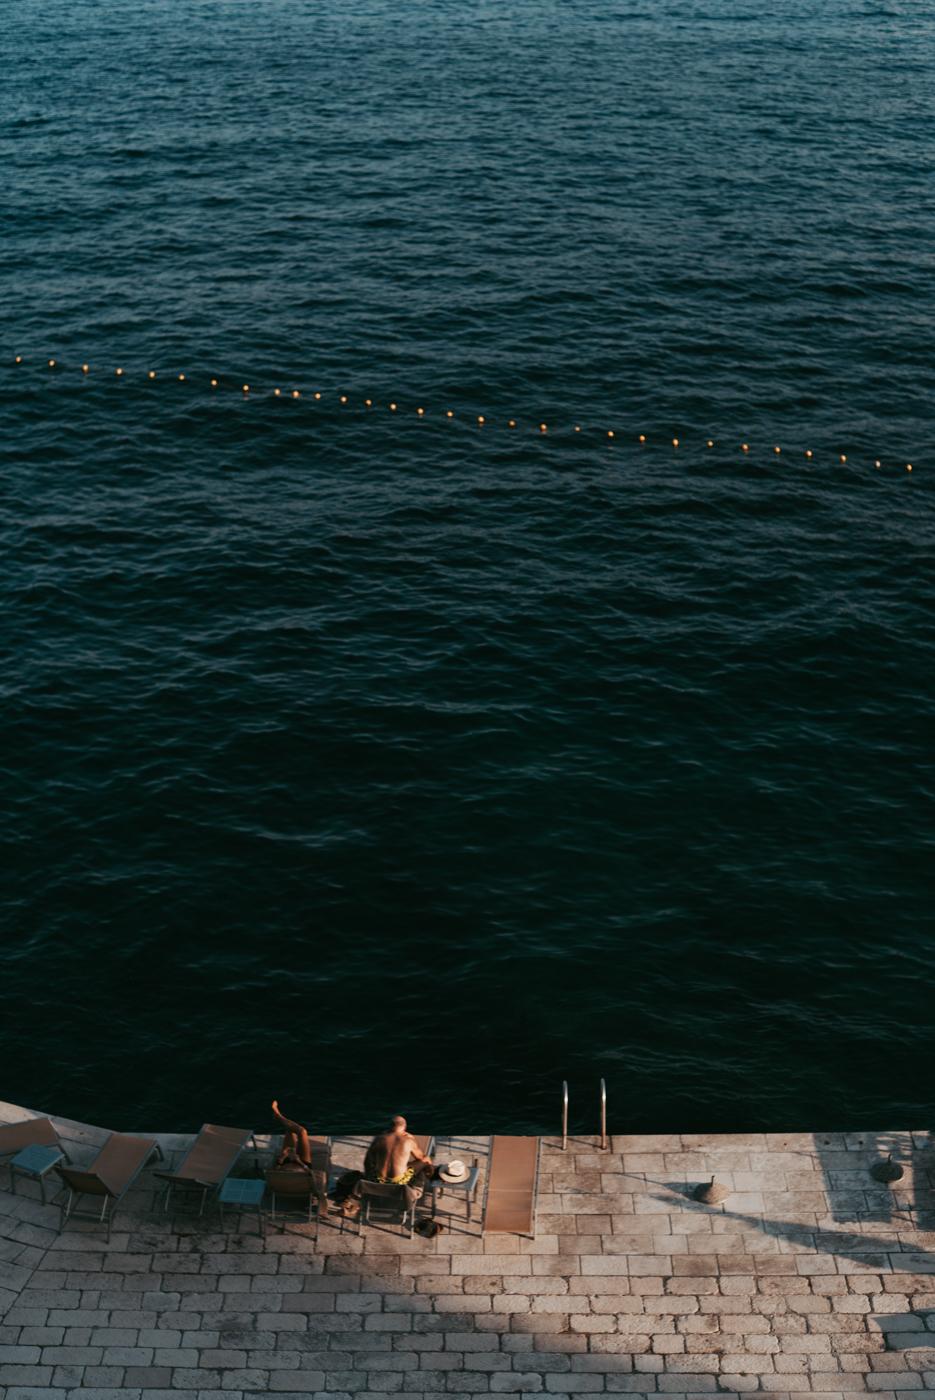 Piscina de mar